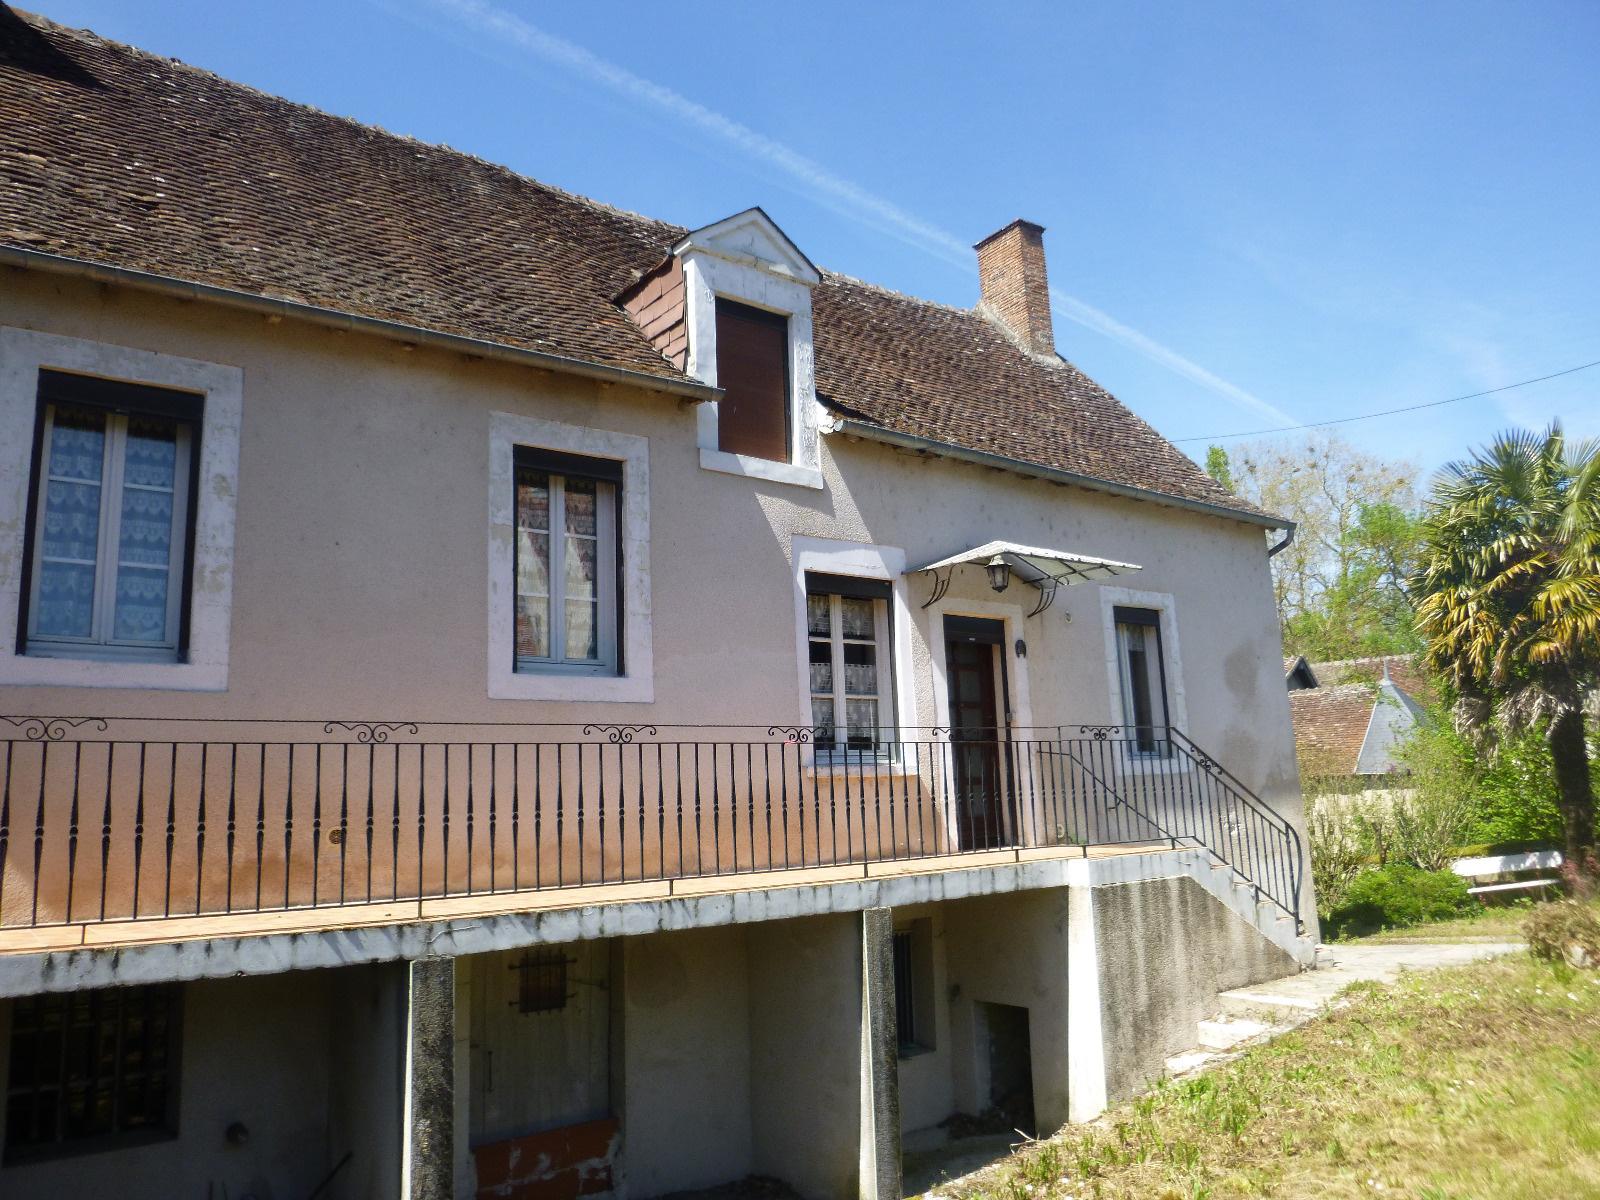 Vente maison a vendre proche de saint aignan sur cher for Maison vente